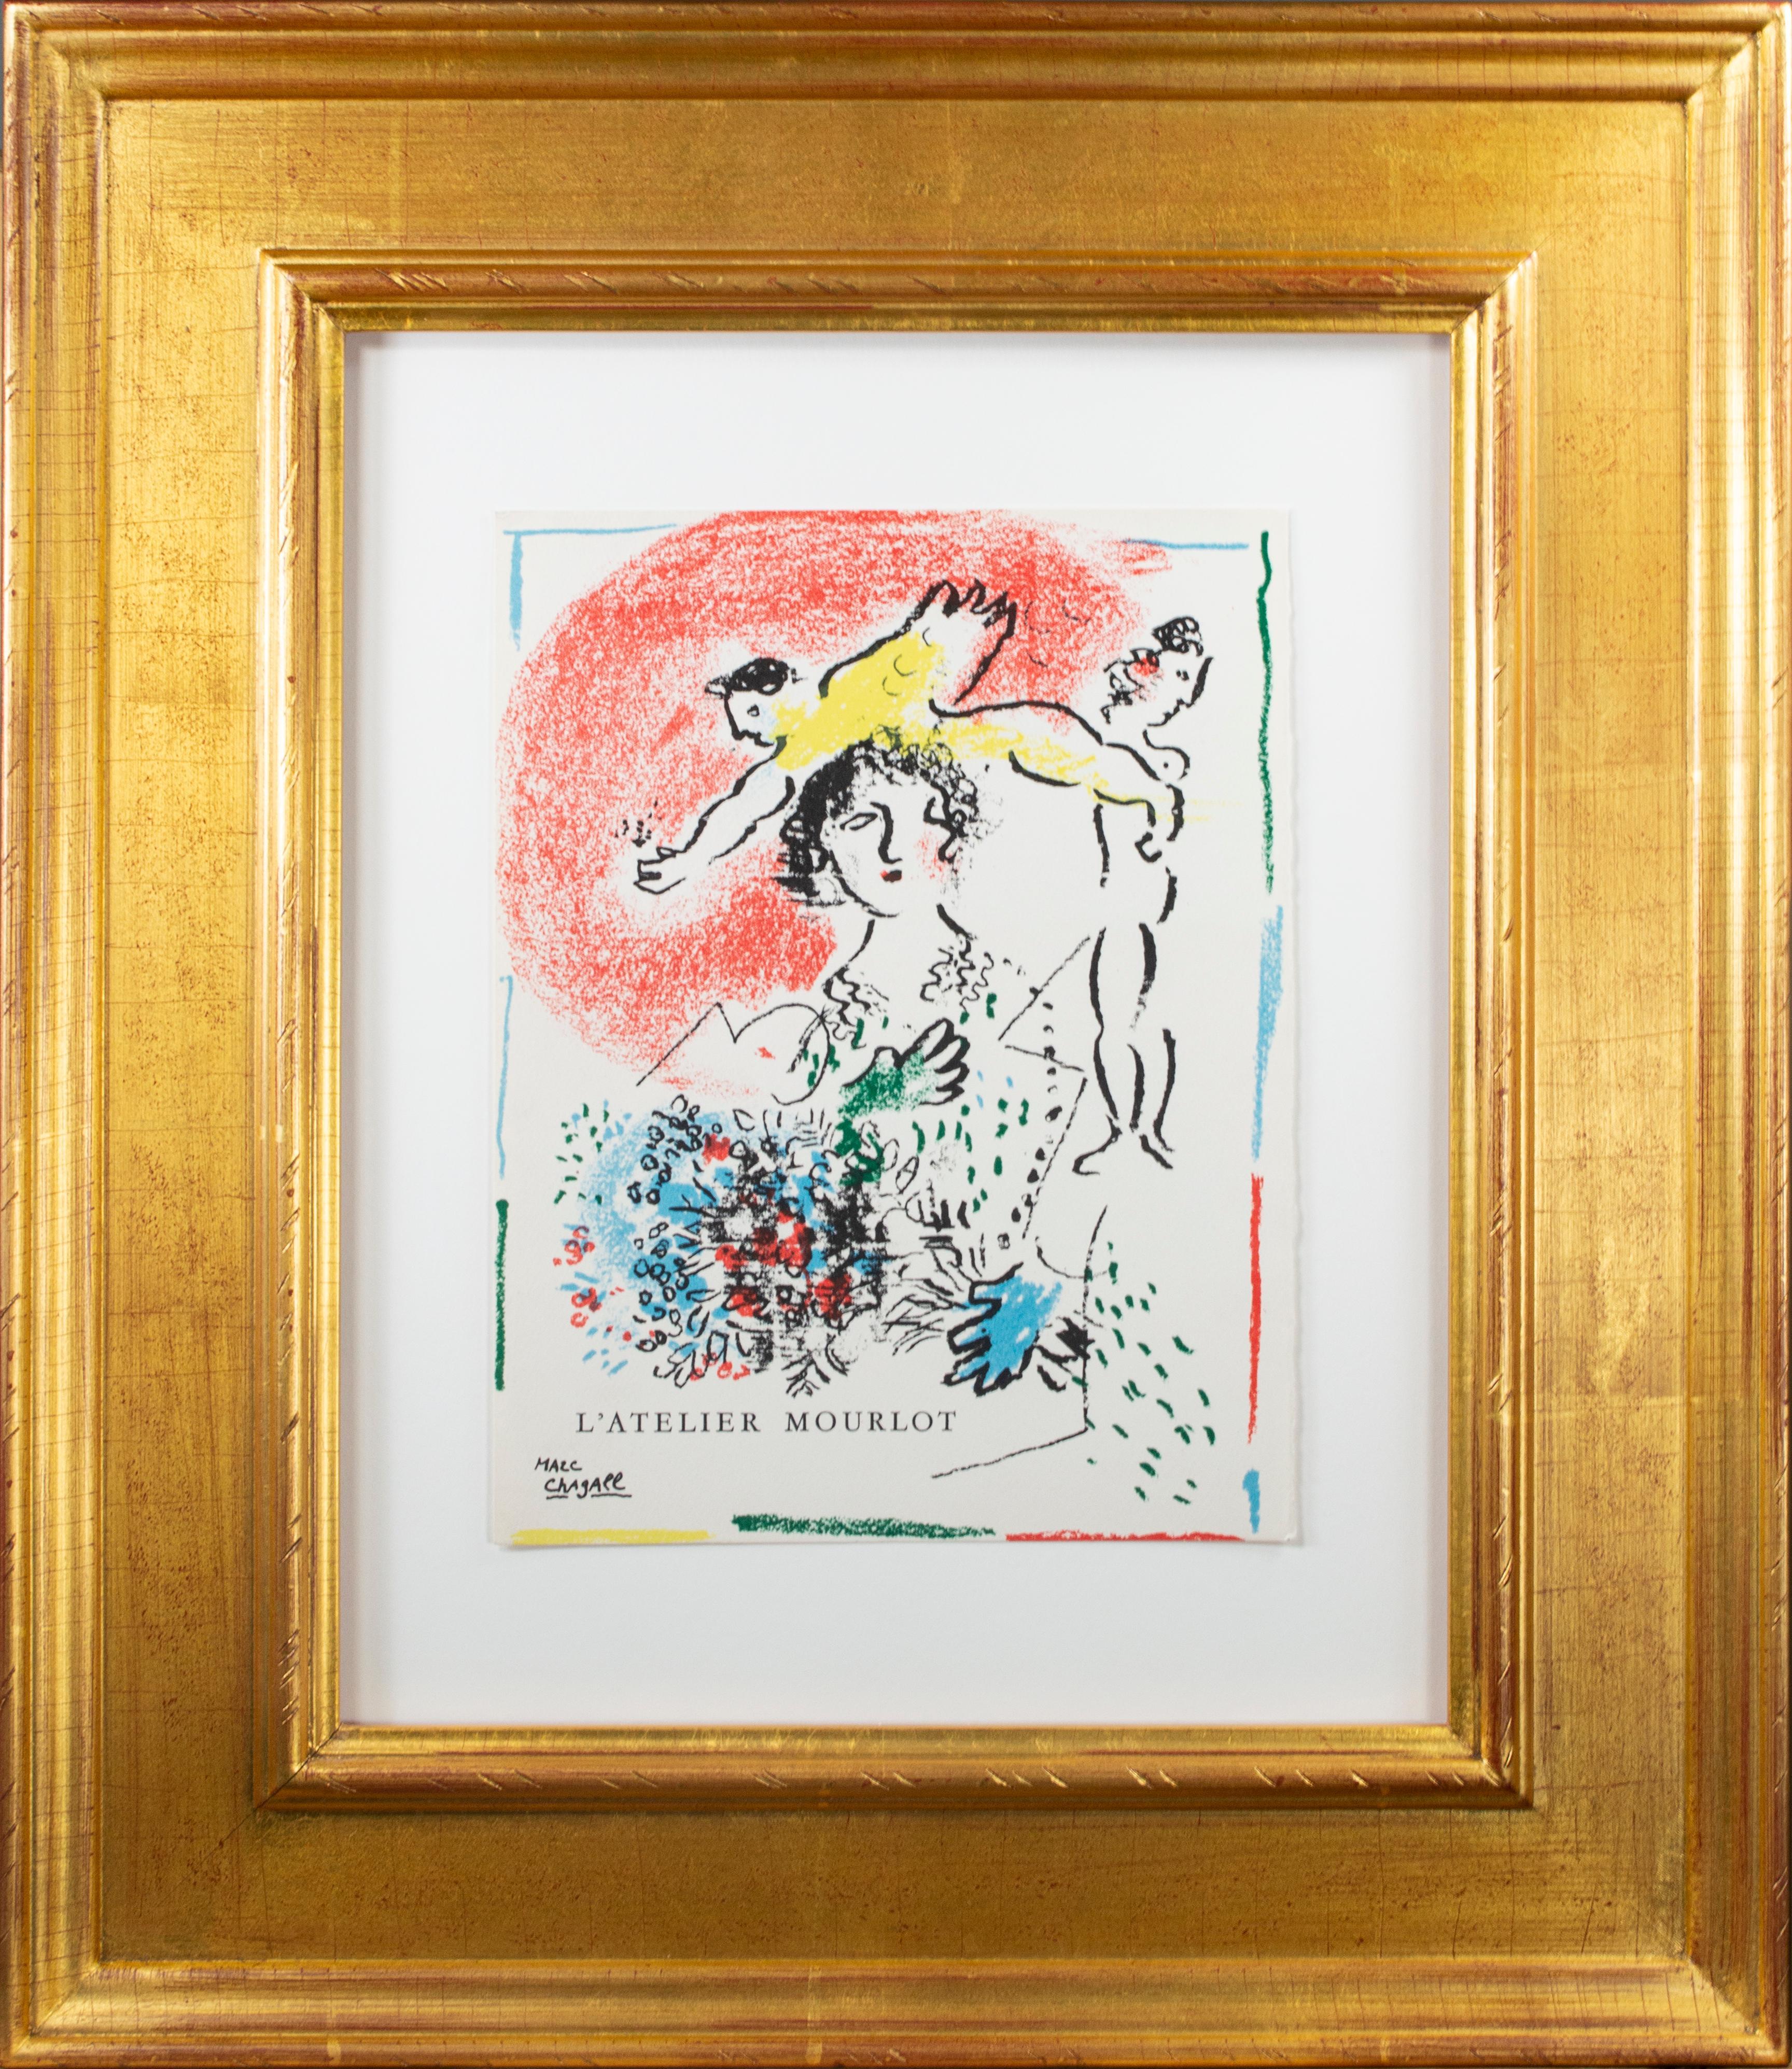 Cover for Lithographies de l'Atelier Mourlot, original Marc Chagall lithograph